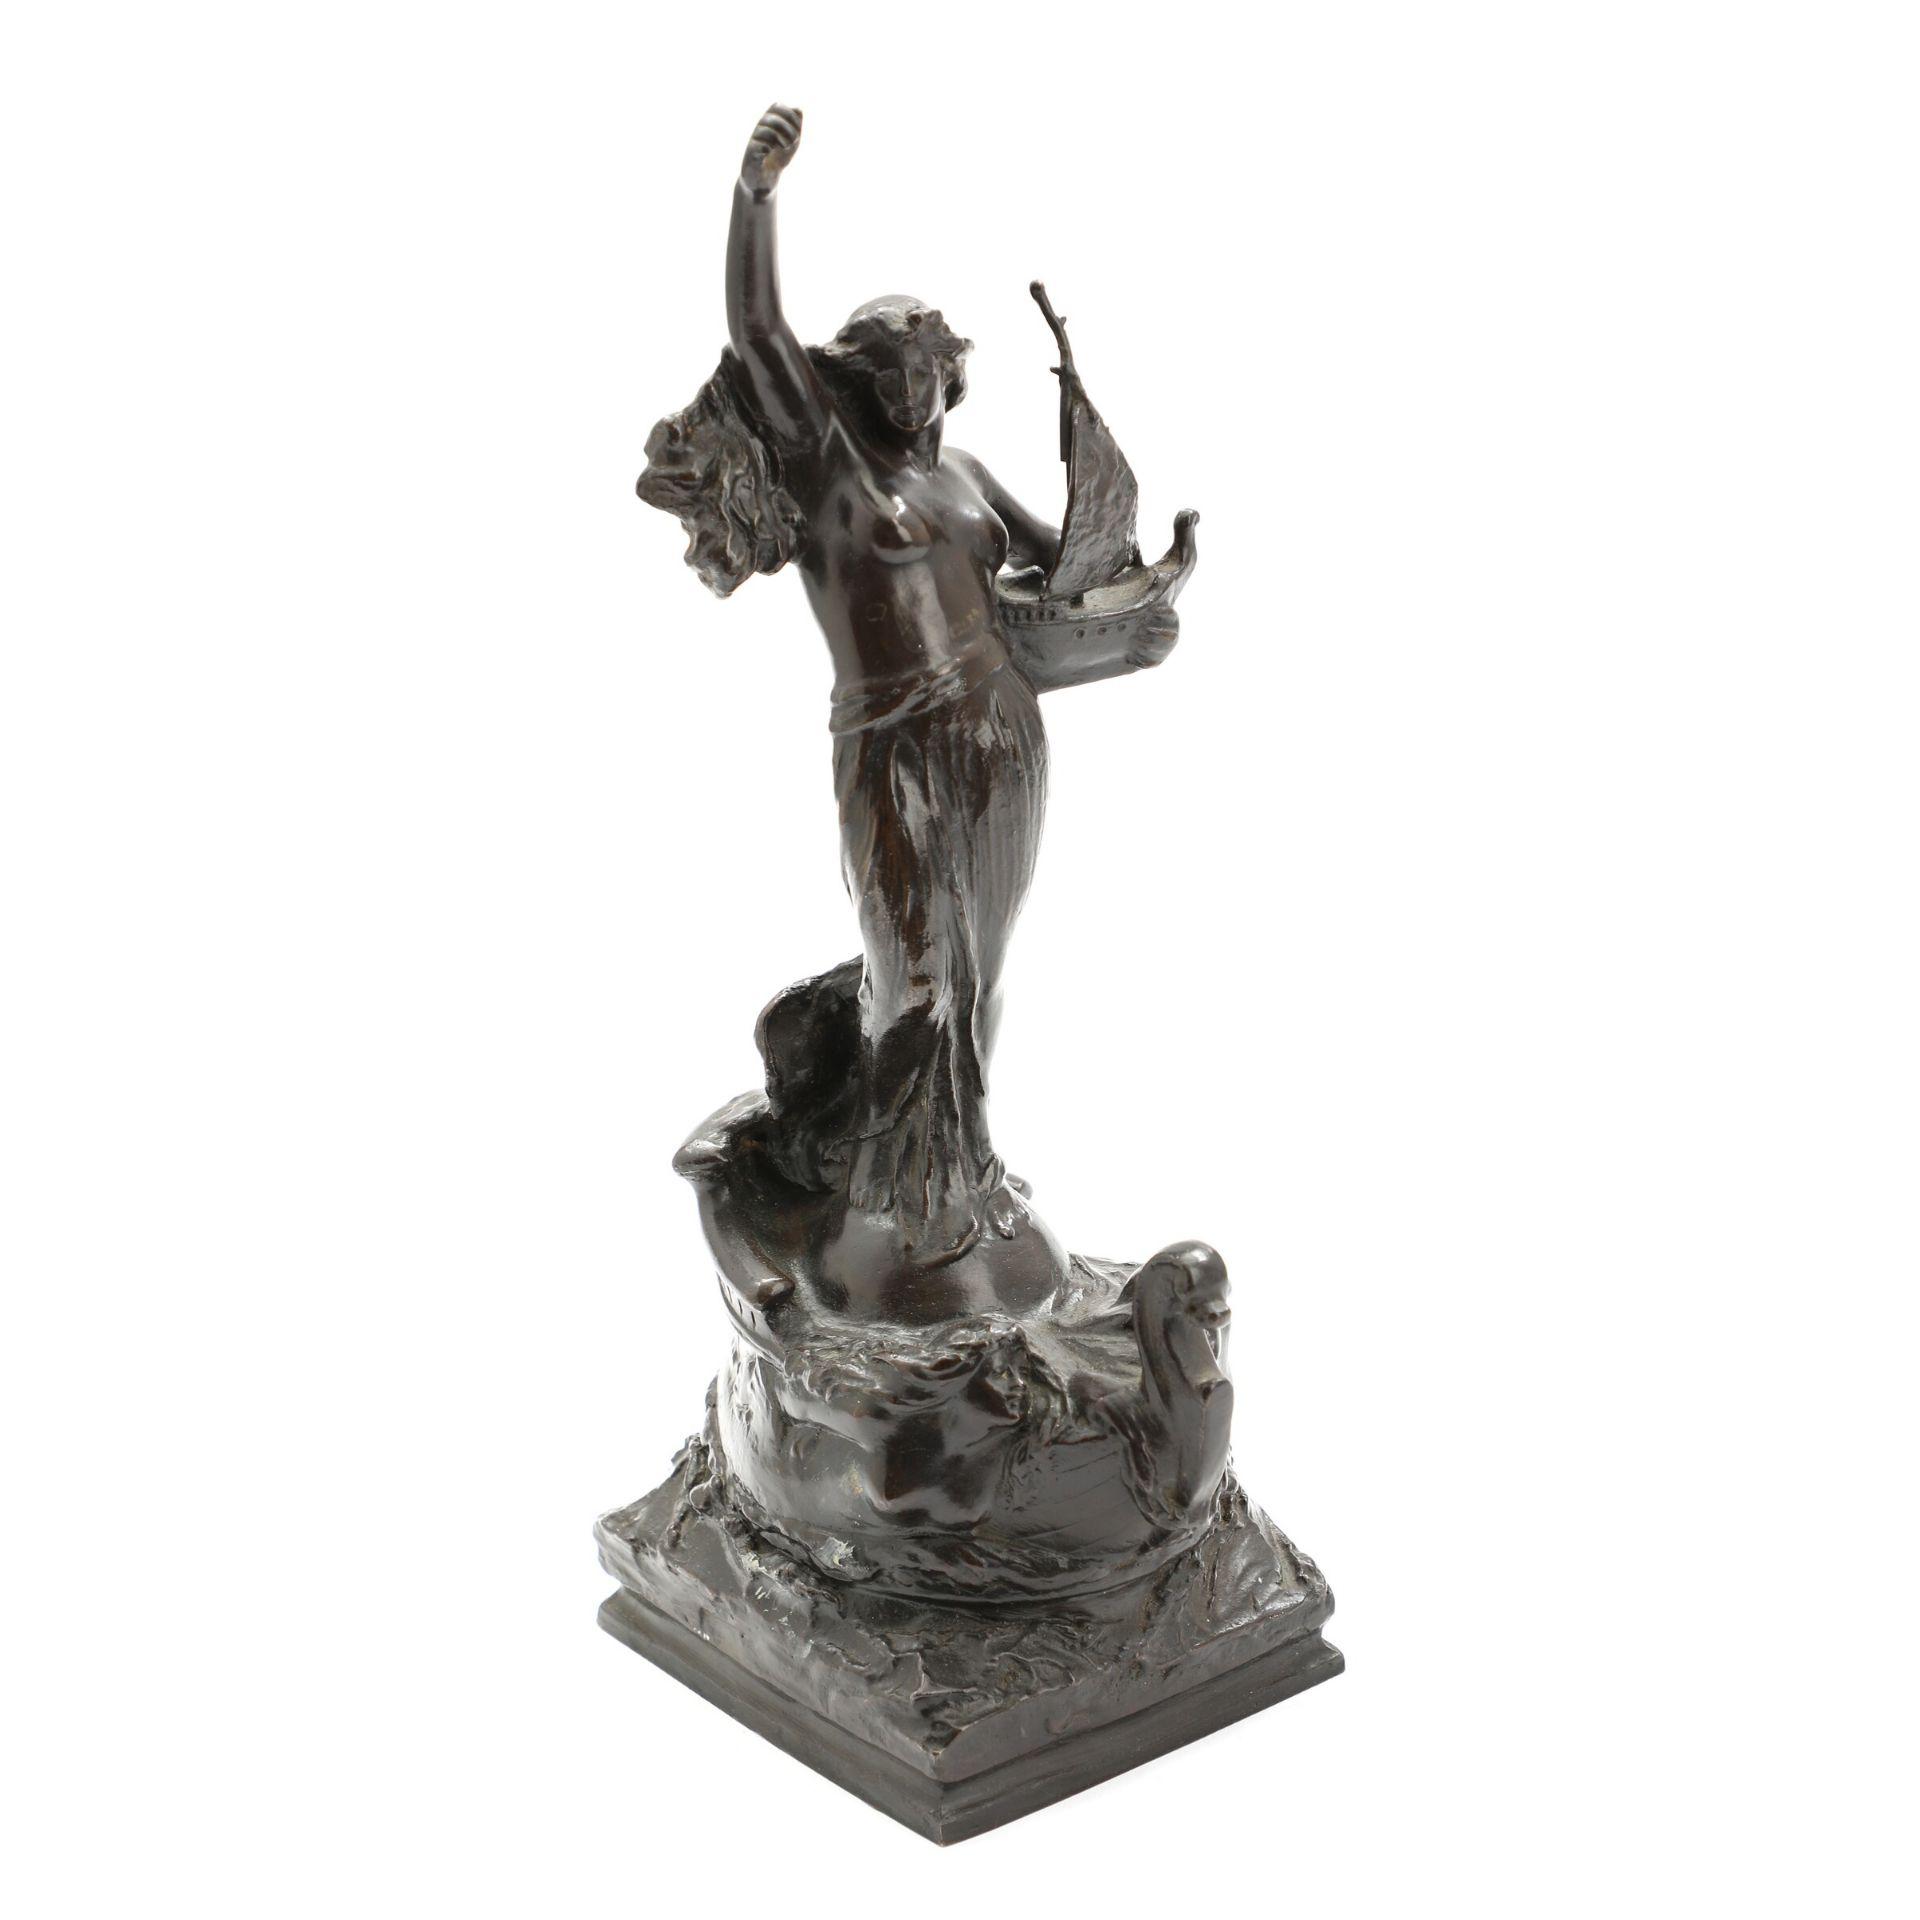 Unbek. Bildhauer. Darstellung einer Schutzpatronin der Seefahrer, evtl. Amanda. Patinierte Bronze.